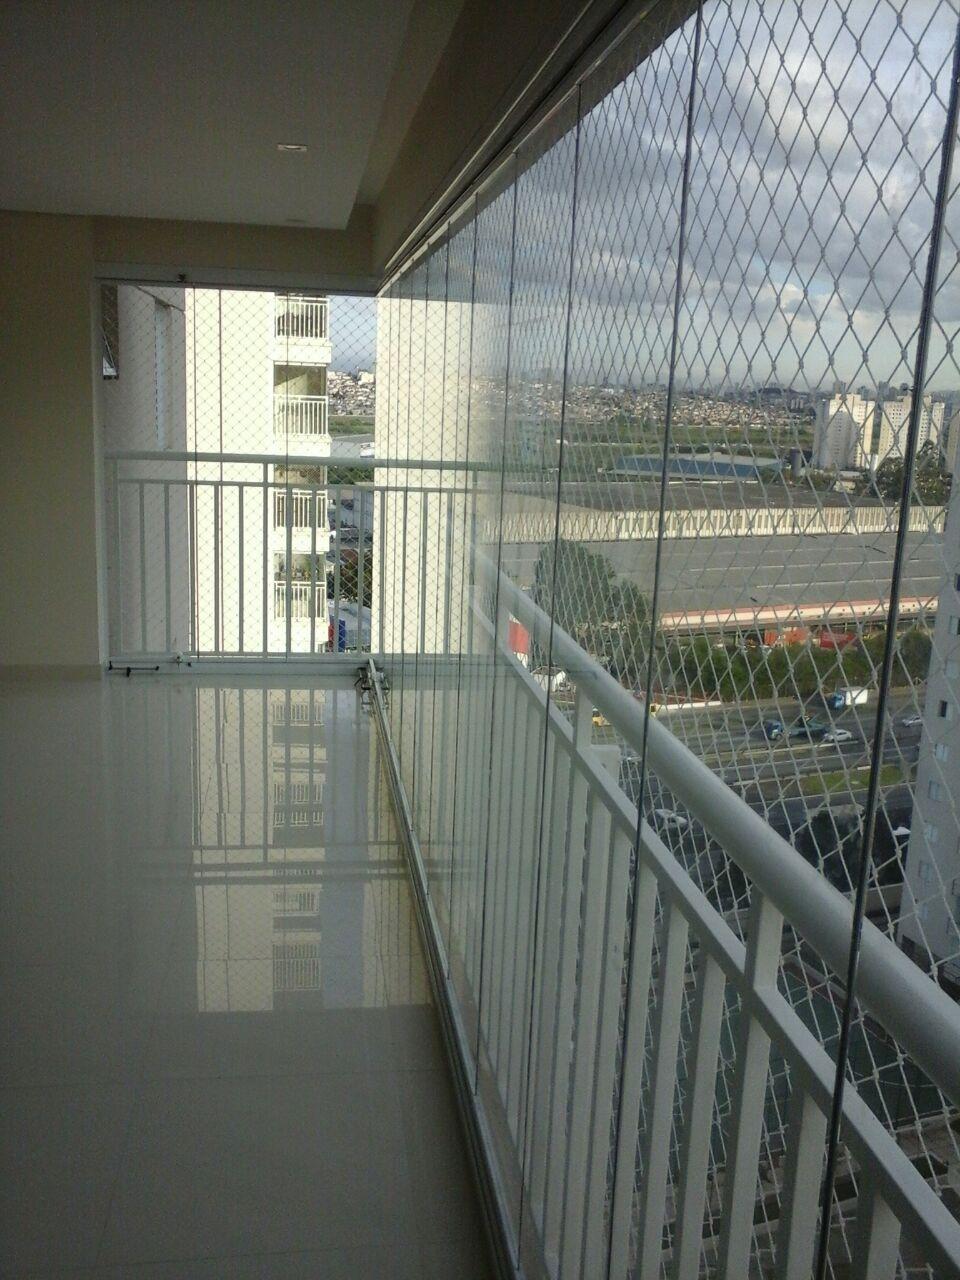 Vidraçarias para Serviços Rápidos em Santana - Vidraçaria na Zona Norte